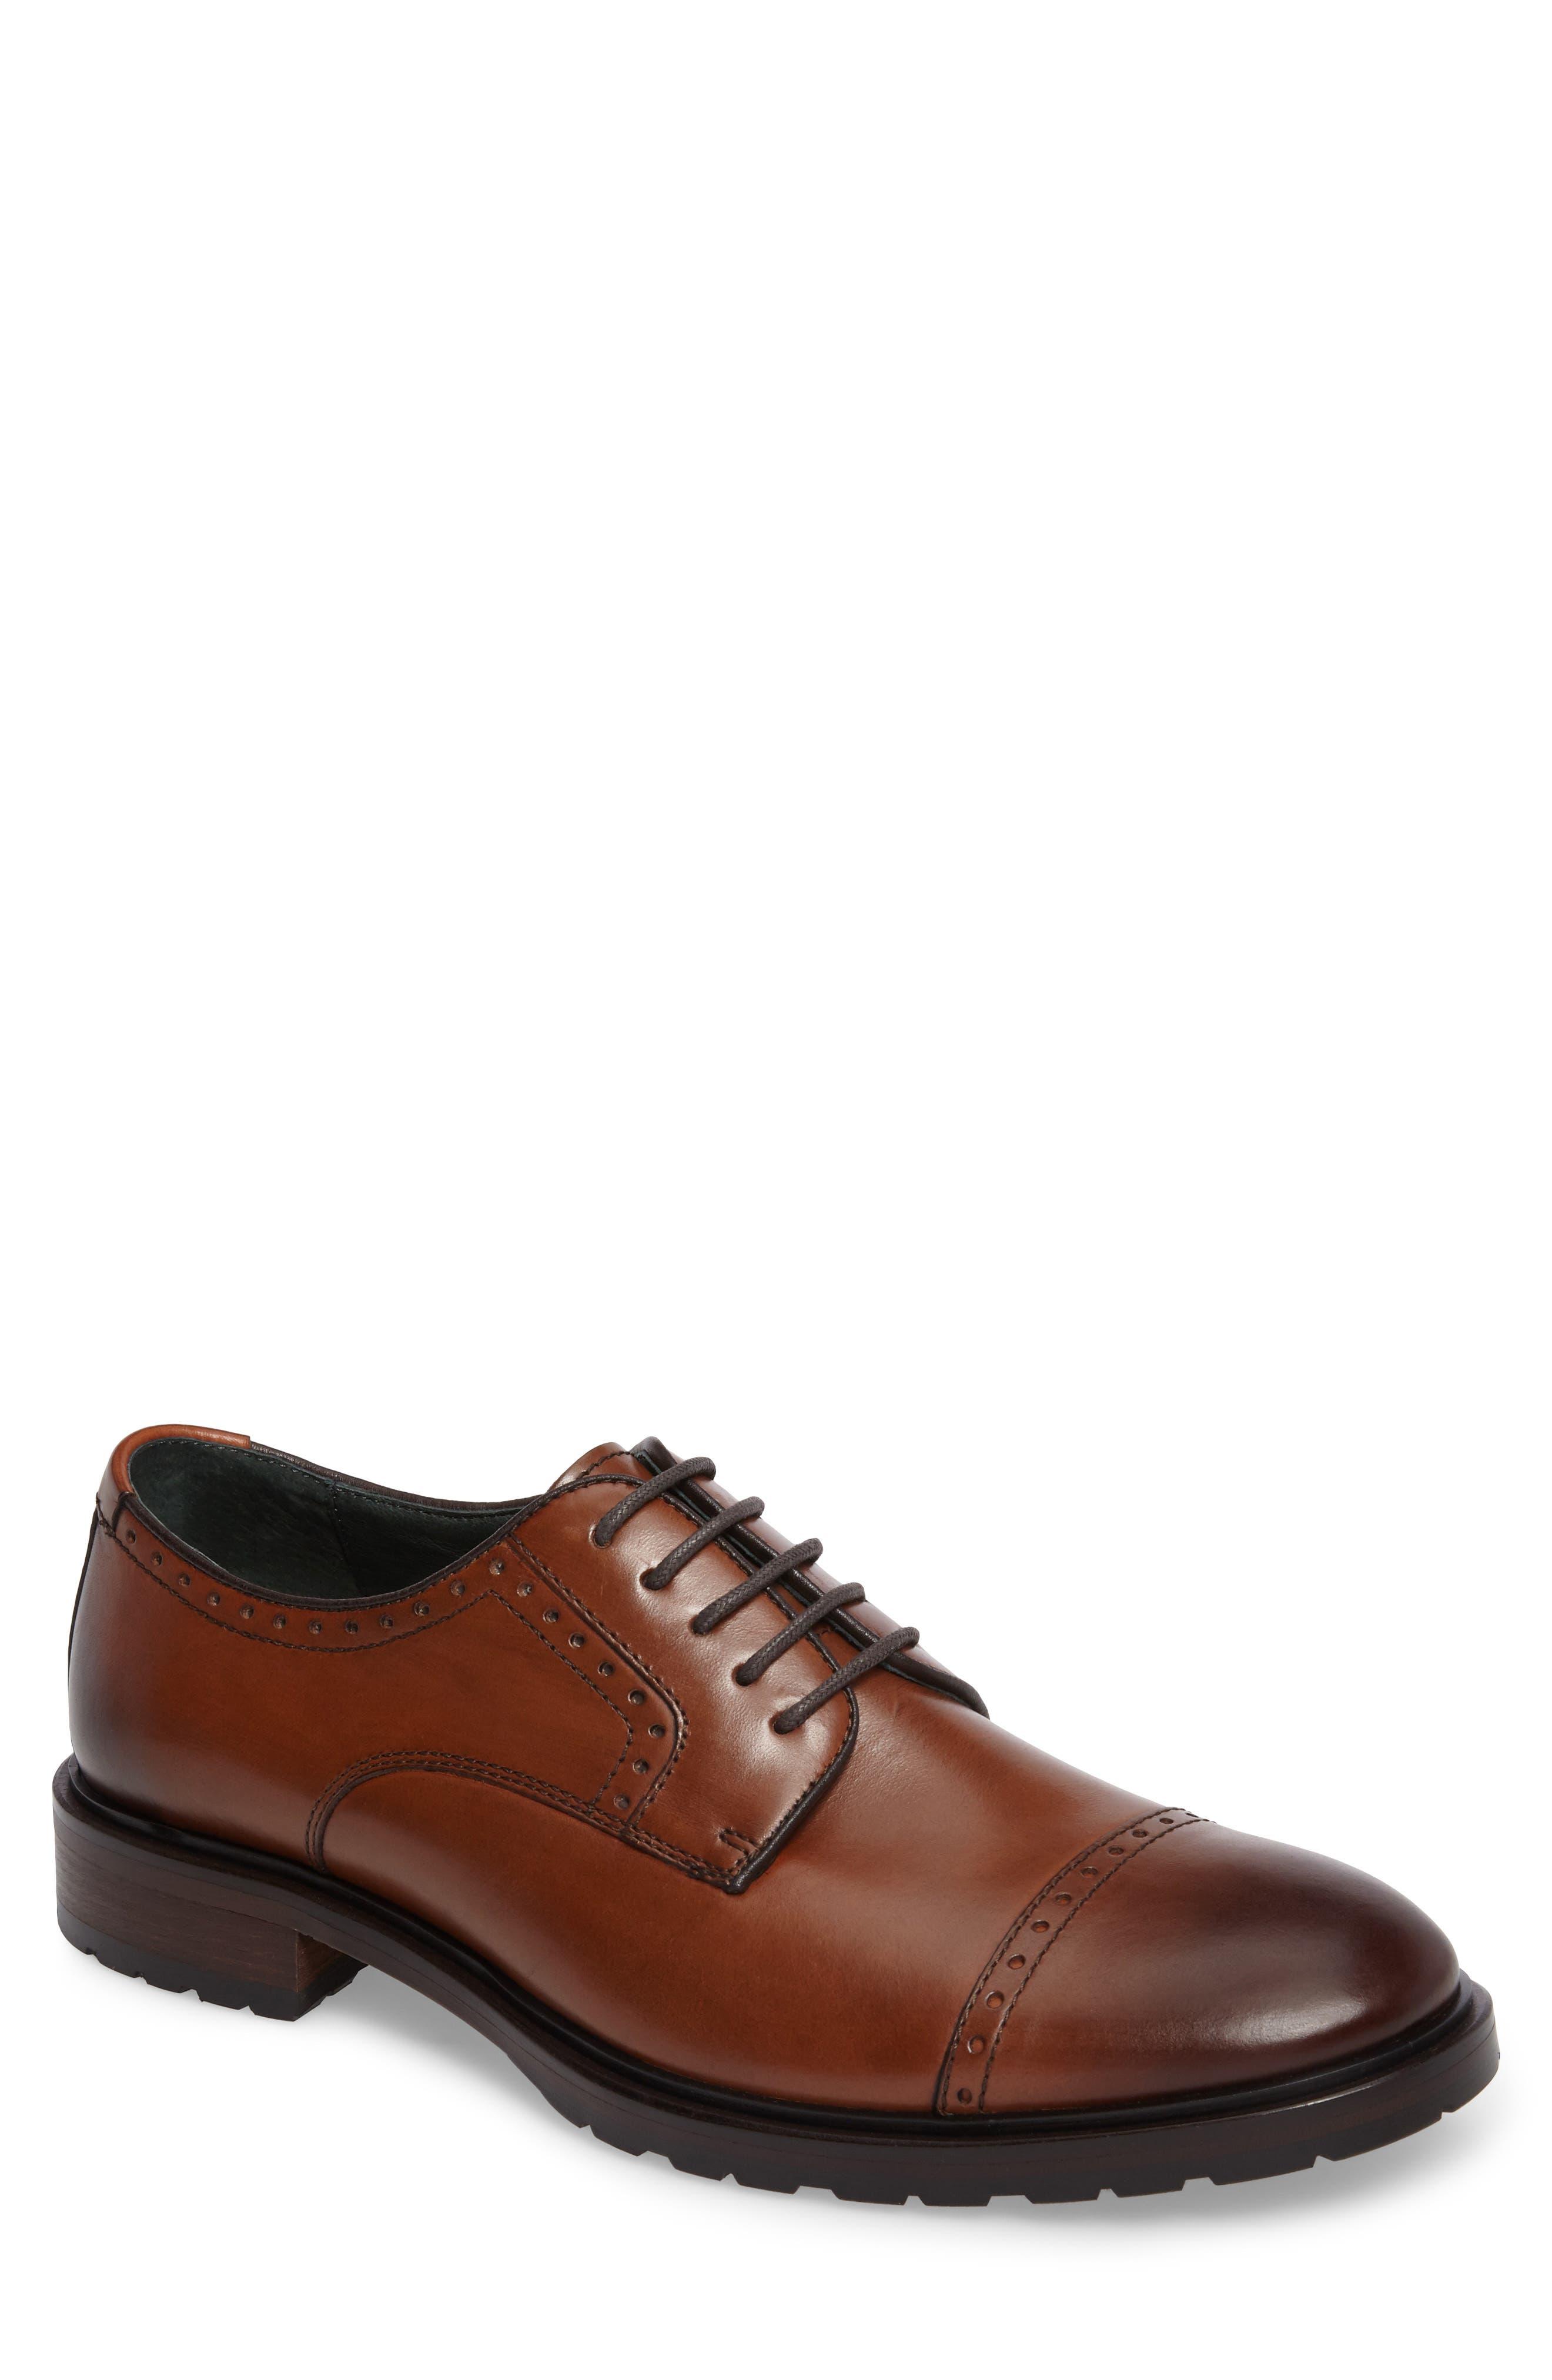 Myles Cap Toe Derby,                         Main,                         color, Dark Cognac Leather